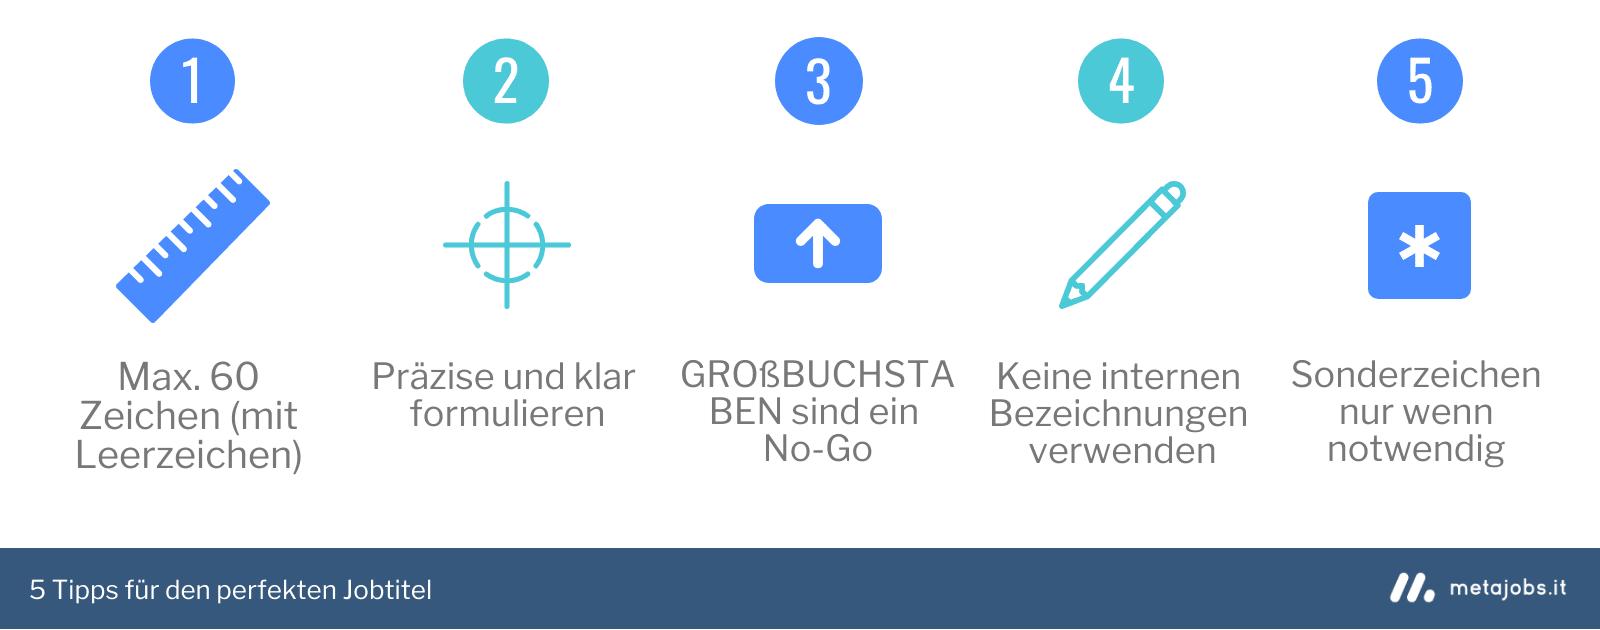 5 Tipps für den perfekten Jobtitel Infografik